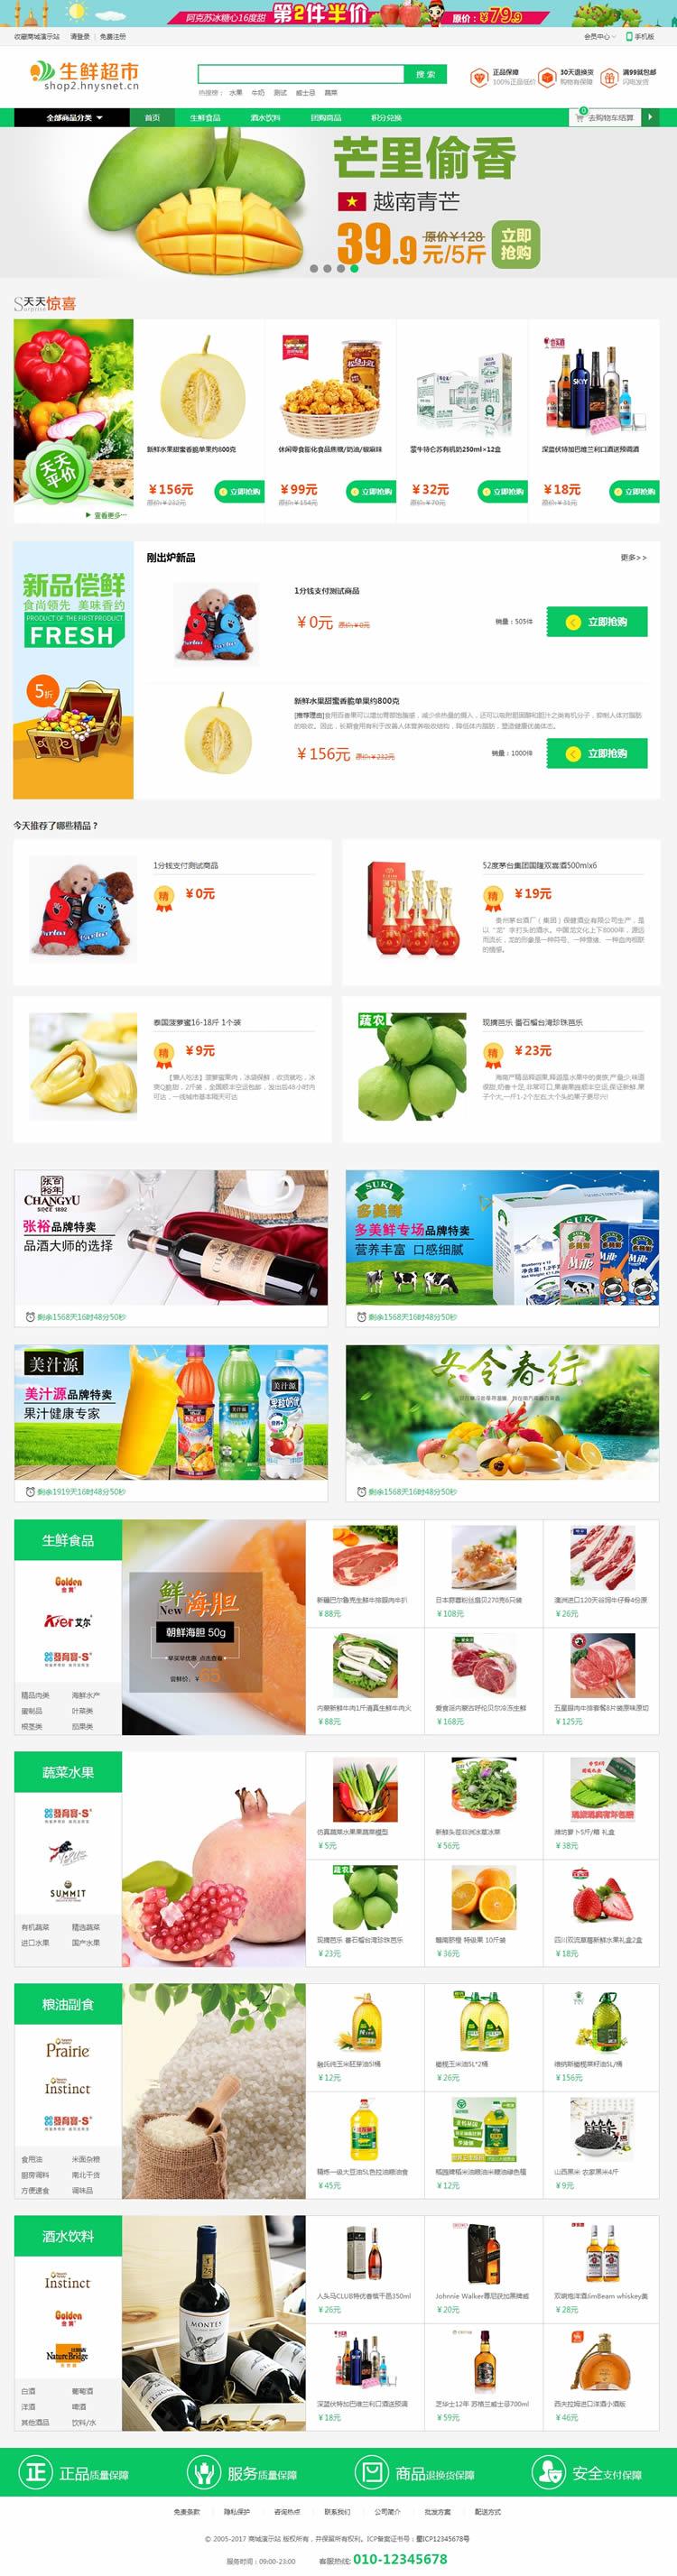 生鲜水果商城网站源码免费下载 购物网站模板带后台 PC手机微信完整版new